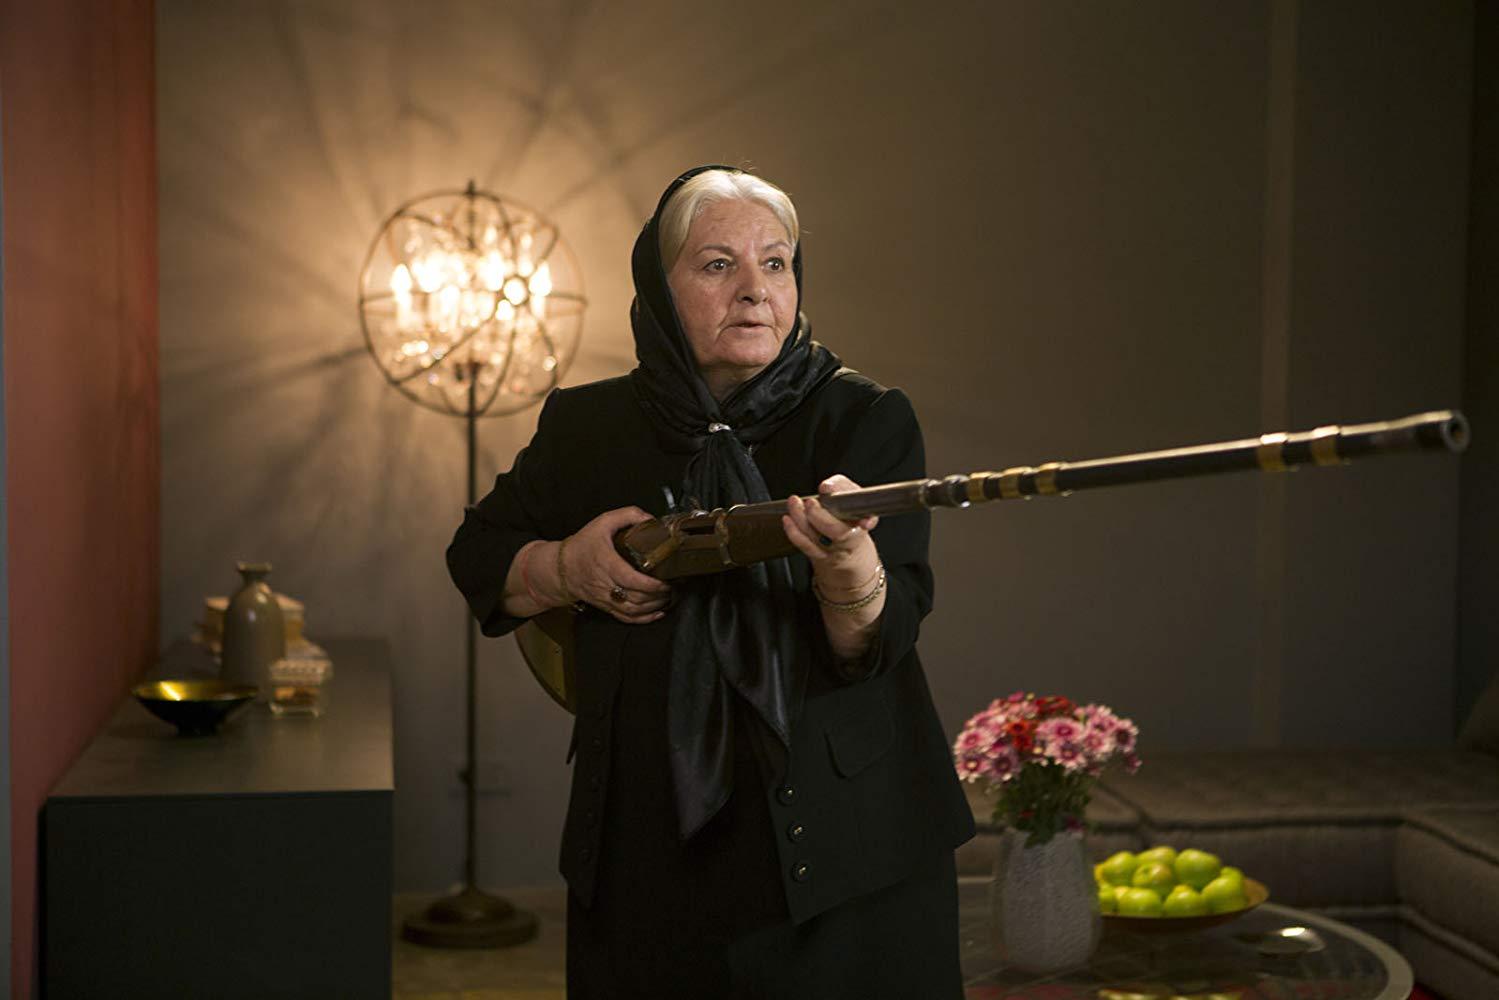 ¡Que se aparte Jamie Lee Curtis! Menudas son las abuelas iranís cuando hay que enfrentarse a un psicópata.